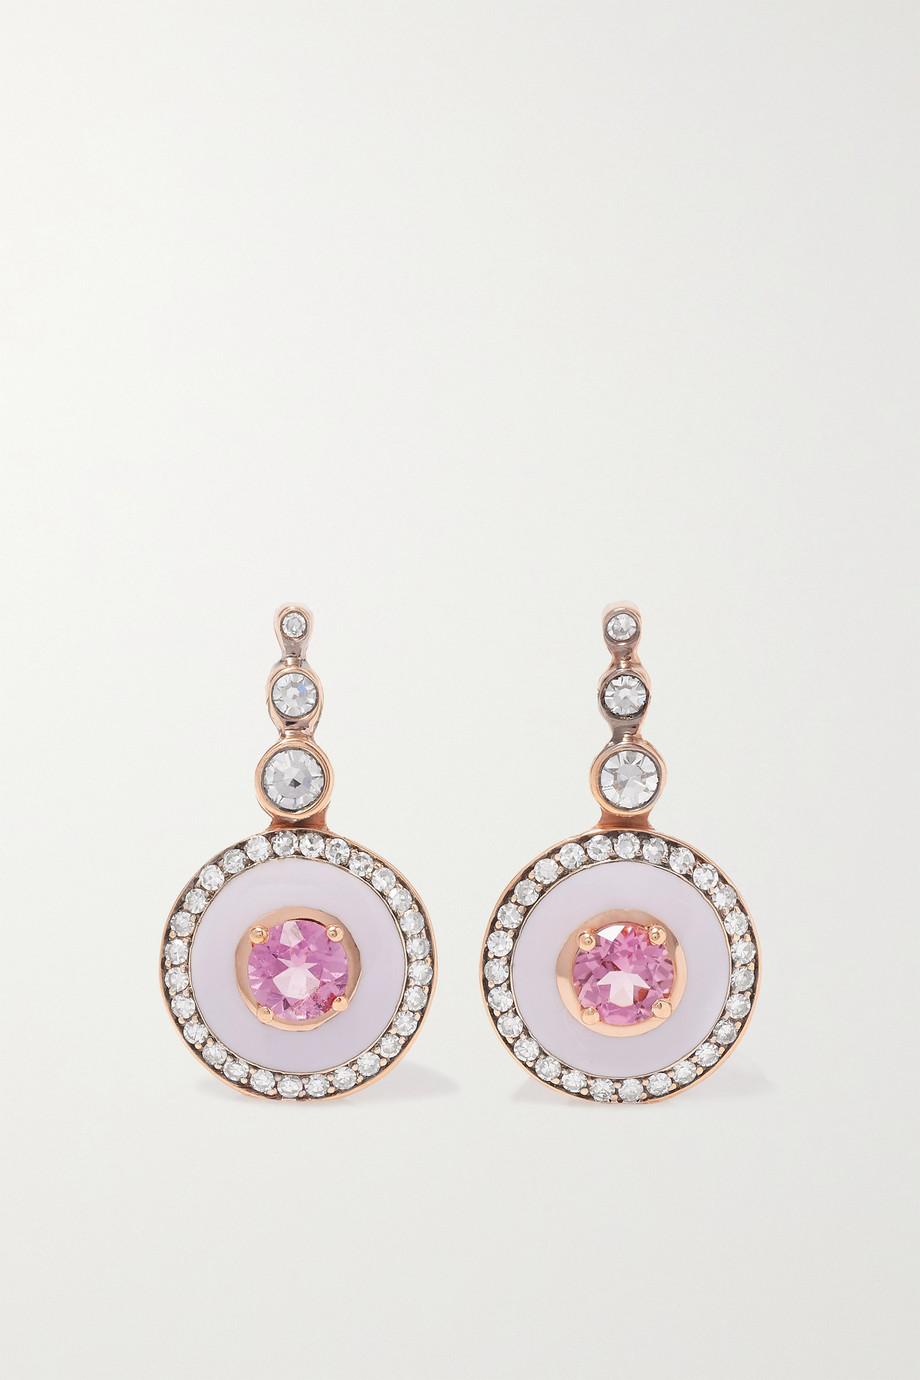 Selim Mouzannar Boucles d'oreilles en or rose 18 carats (750/1000), émail, tourmalines et diamants